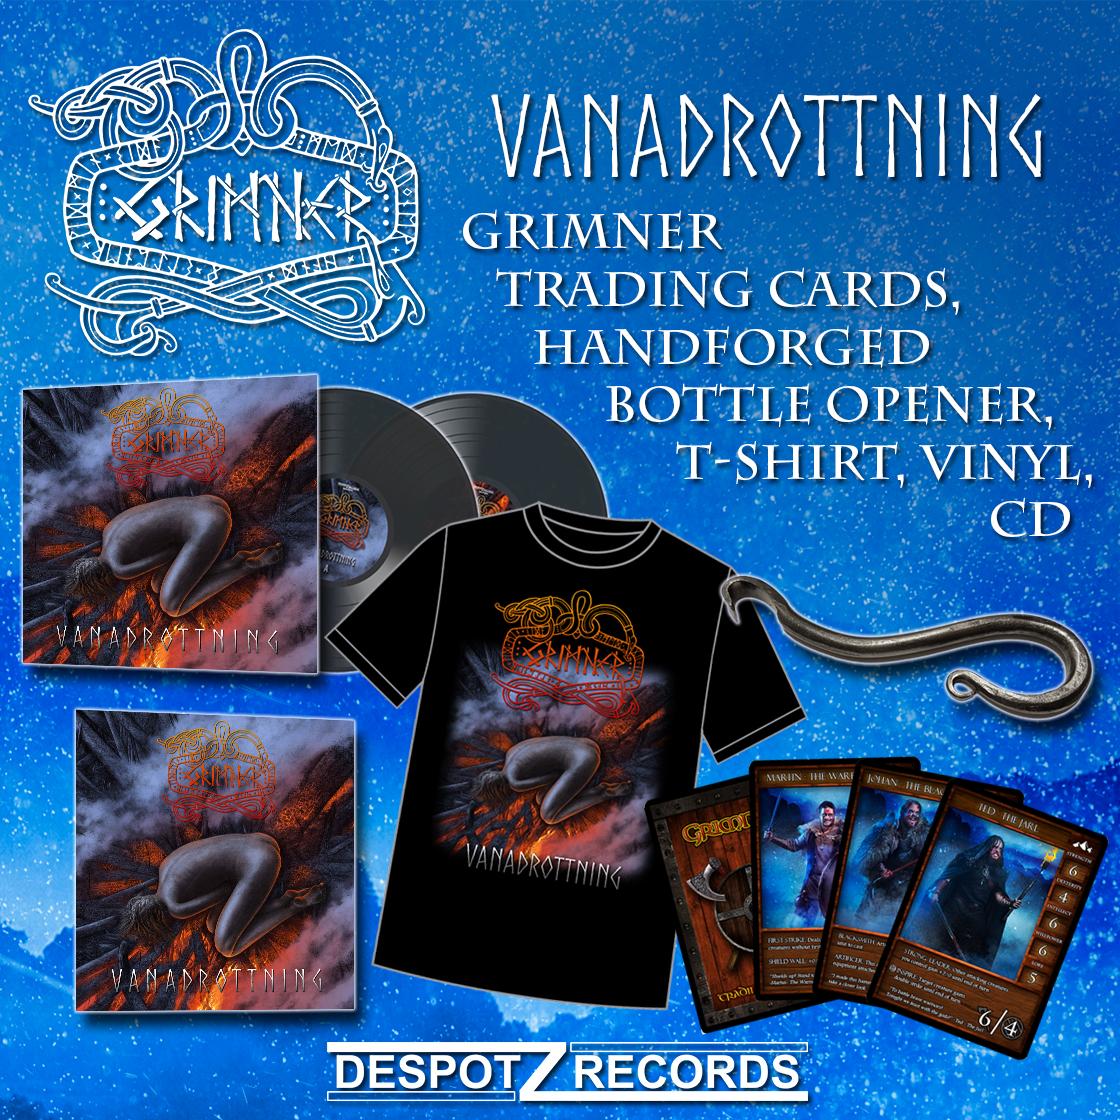 promo cd vinyl tshirt kort oppnare